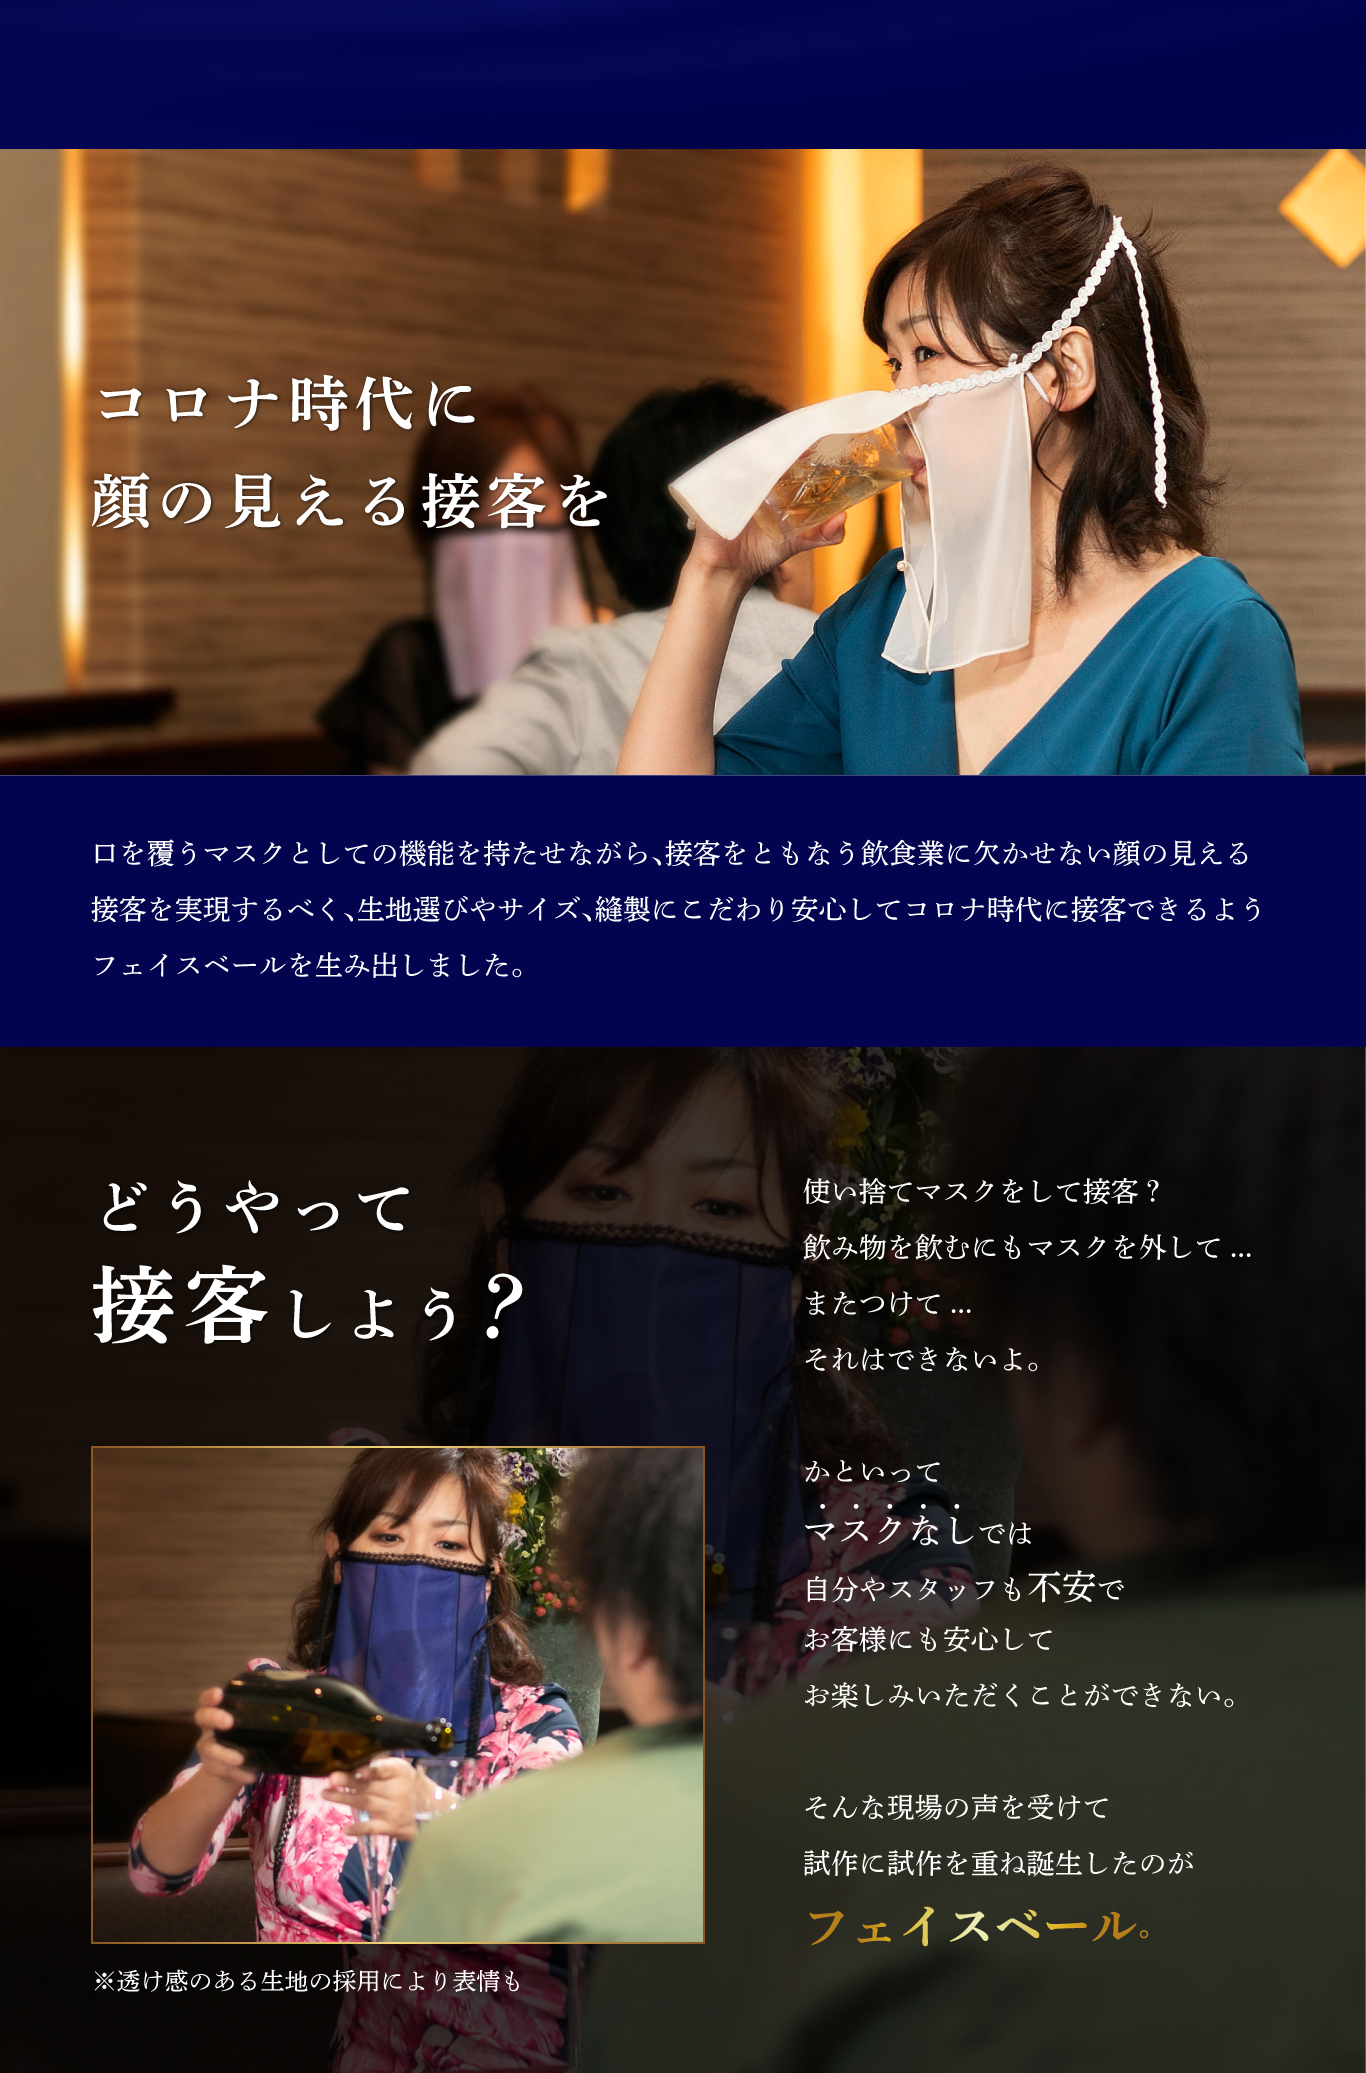 フェイスベール紹介2